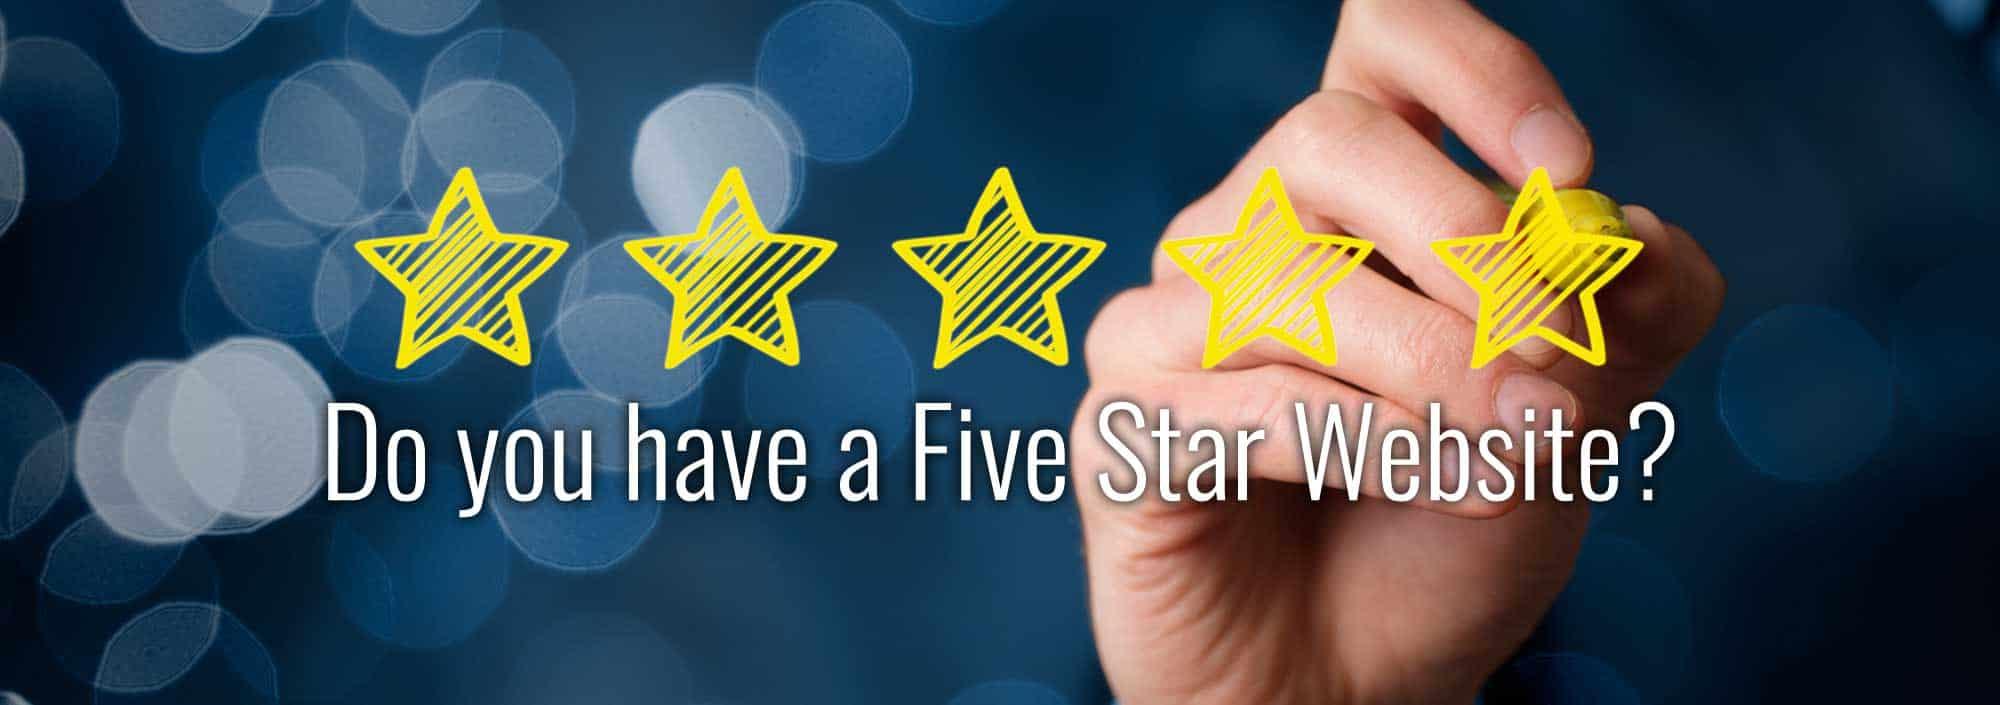 5 star dental website